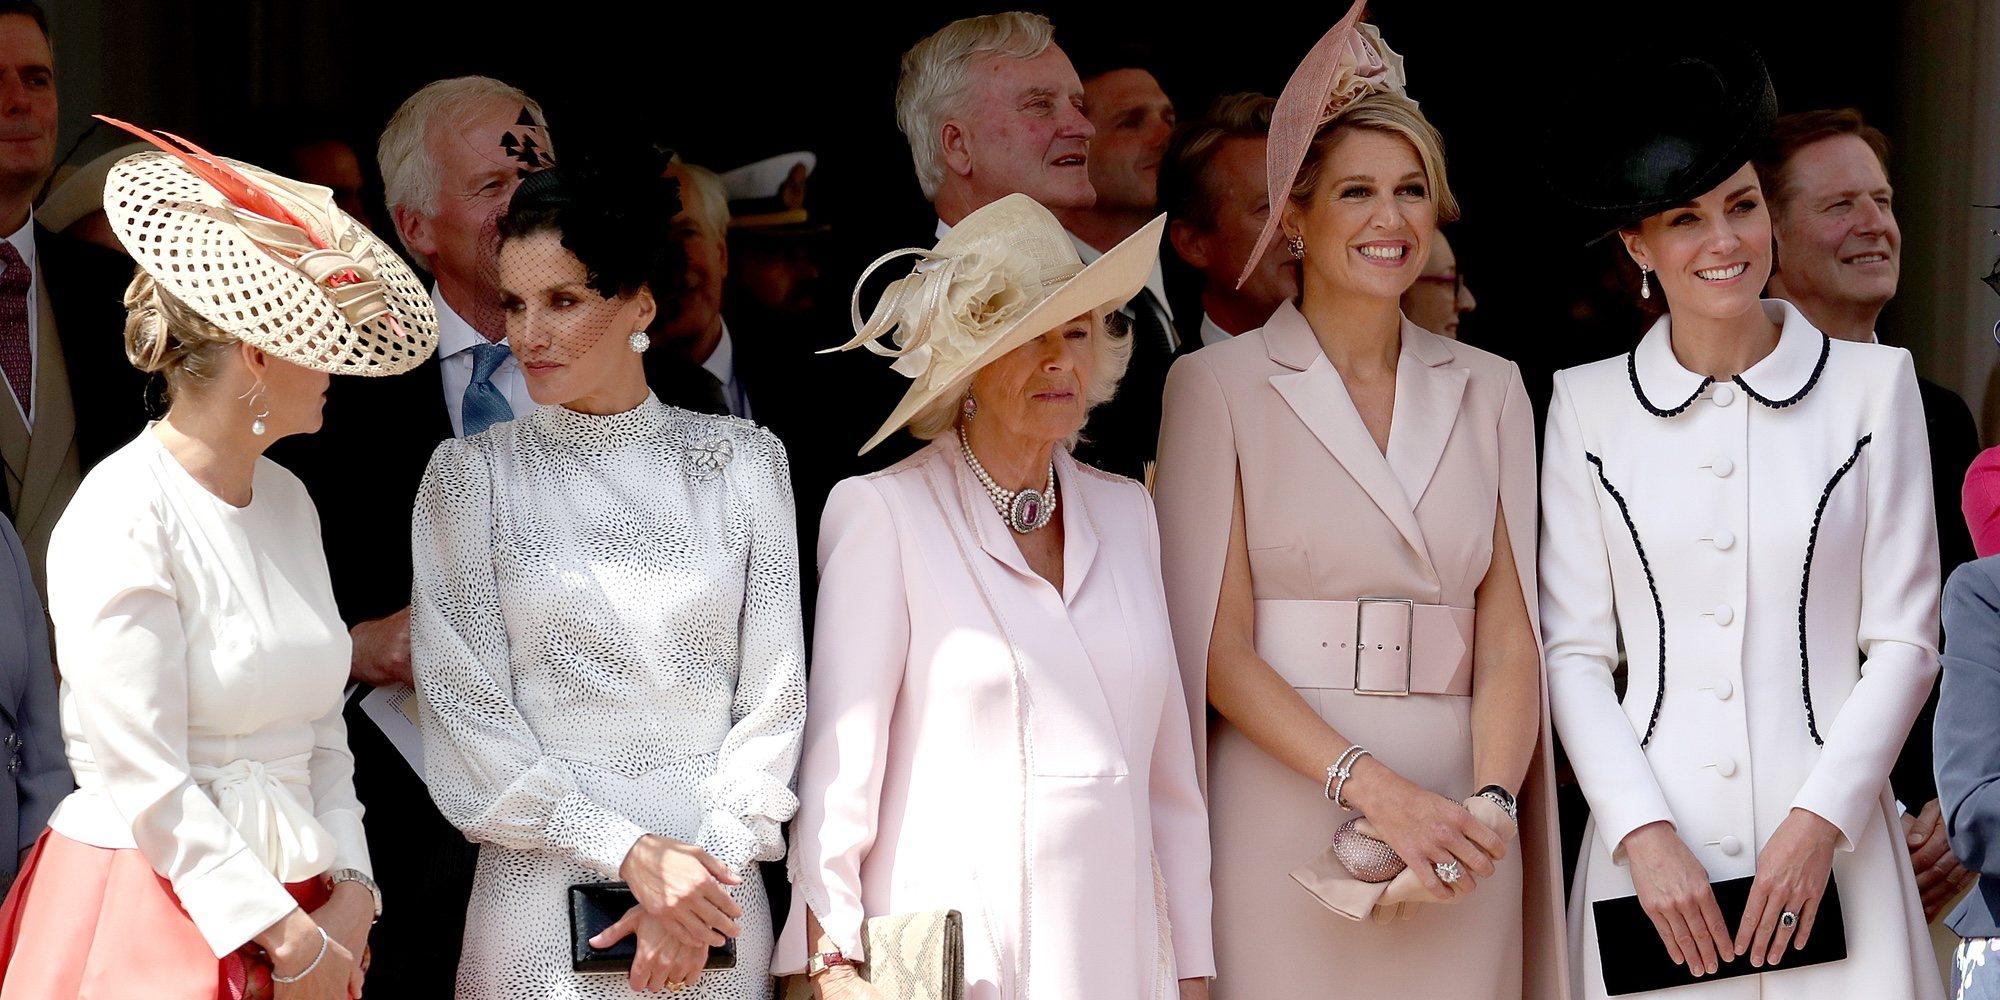 El encuentro entre la Reina Letizia, Máxima de Holanda, Camilla Parker, Kate Middleton y Sophie Rhys-Jones en Windsor